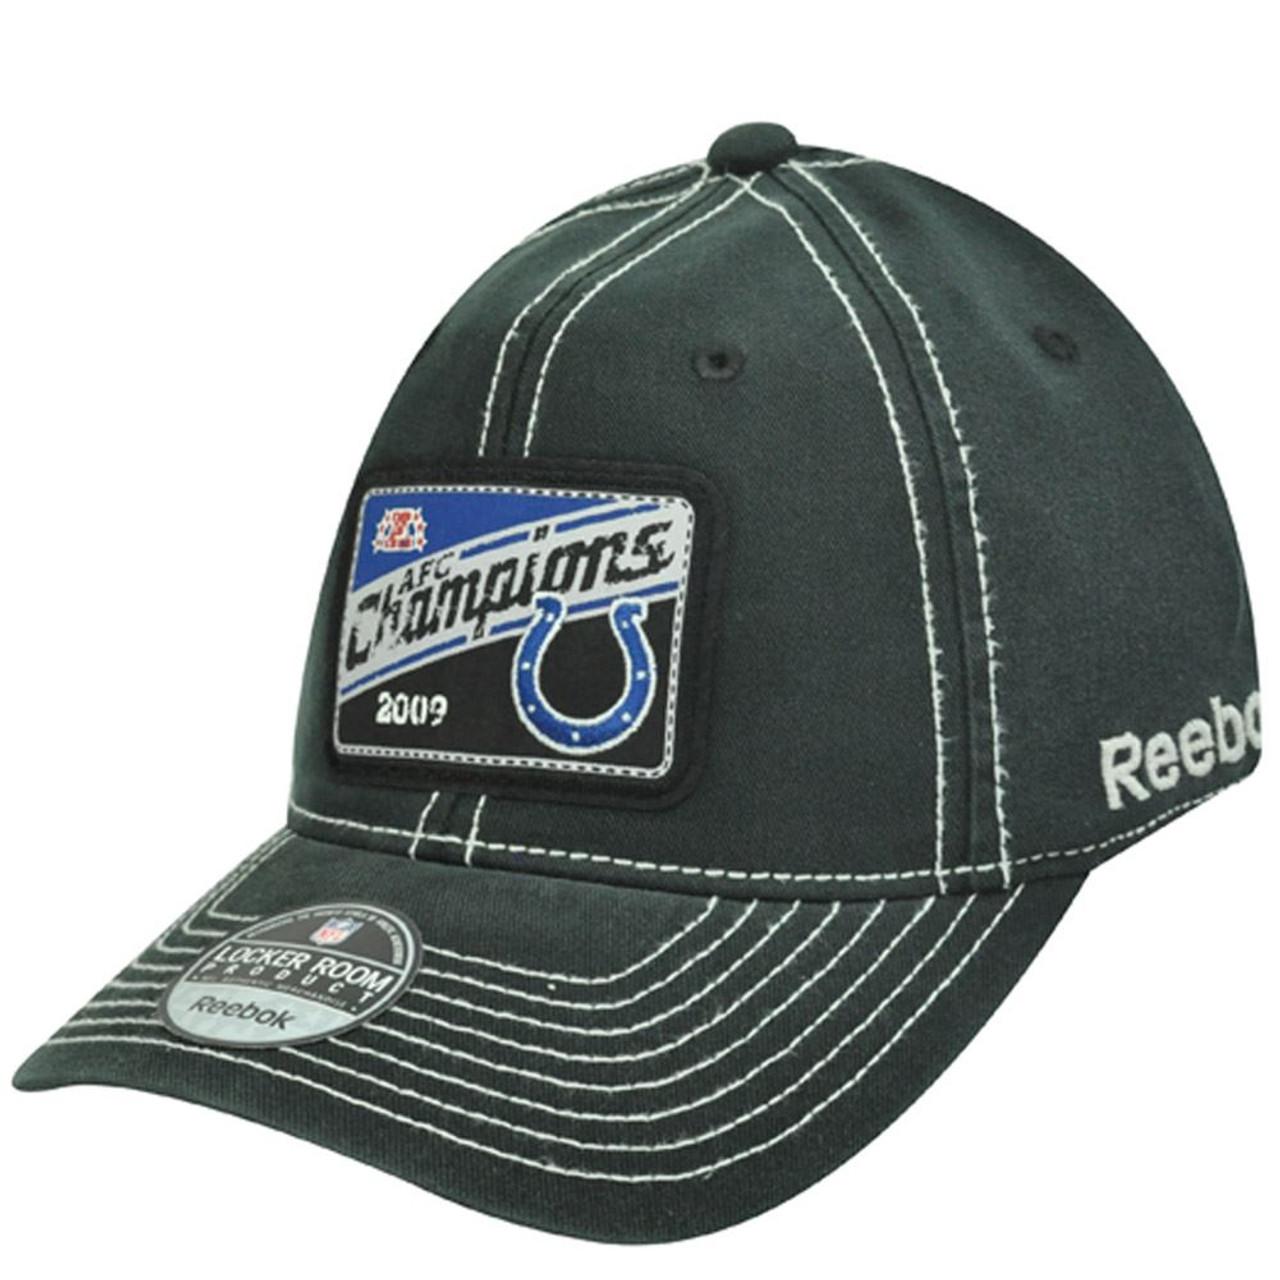 515da516ee0 COLTS AFC CHAMPIONS LOCKER ROOM FLEX FIT HAT CAP NEW - Cap Store Online.com